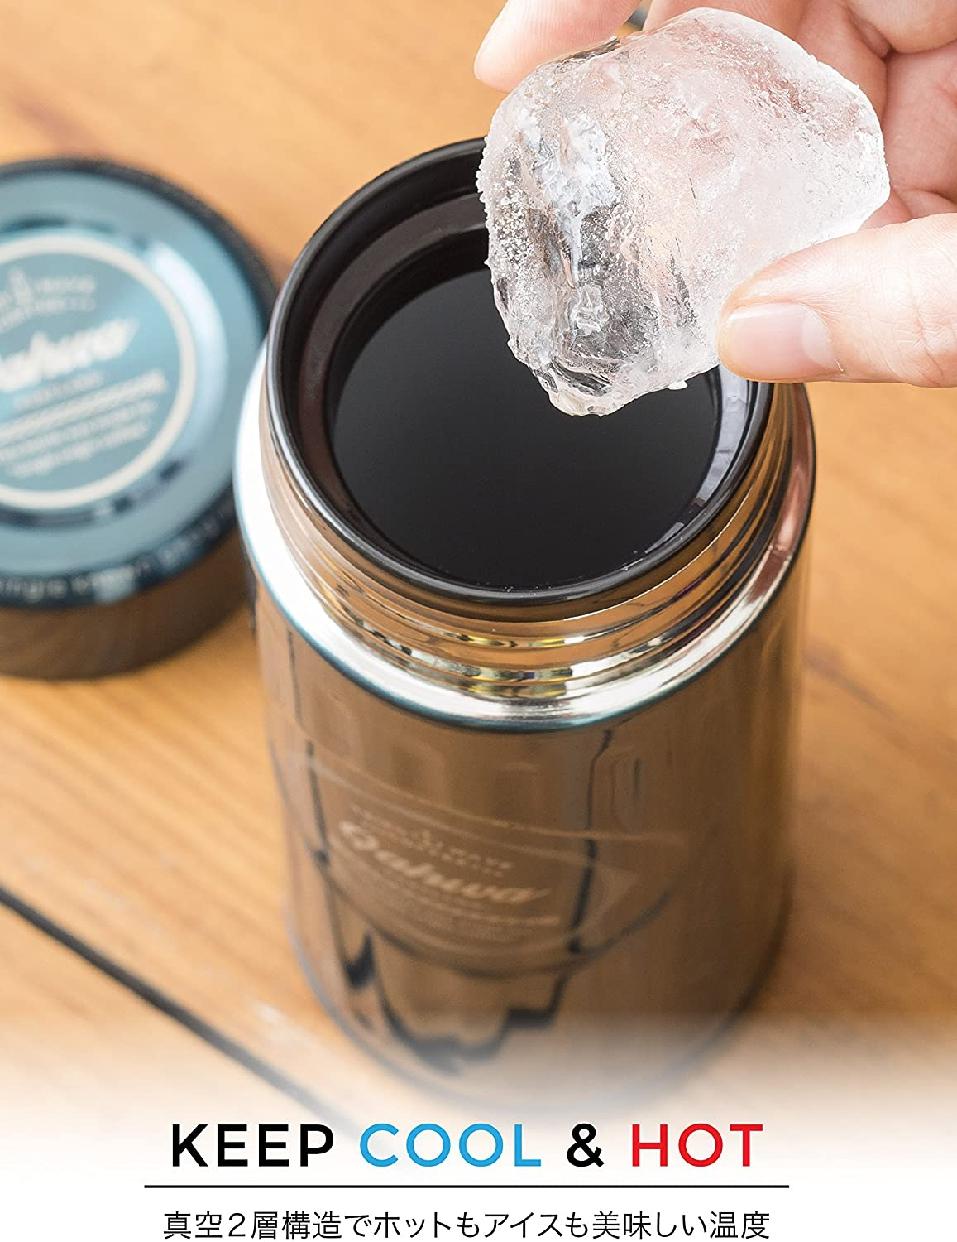 Qahwa(カフア)コーヒーボトルの商品画像5